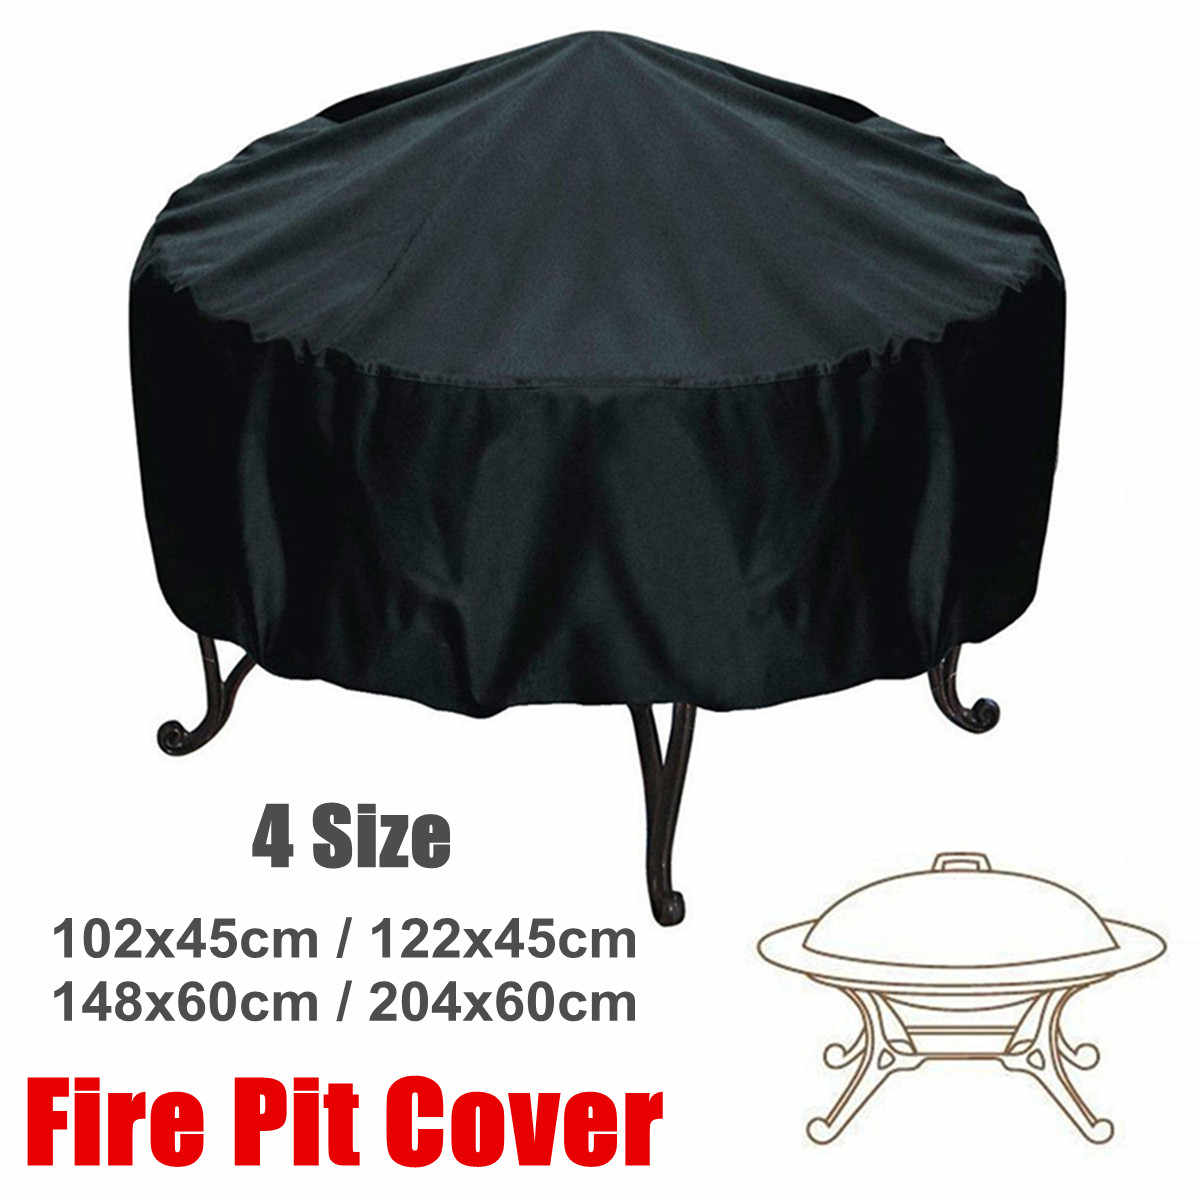 Rond 4 tailles Patio foyer anti-poussière couverture noir étanche barbecue cuisson protecteur jardin cour auvent abri couverture